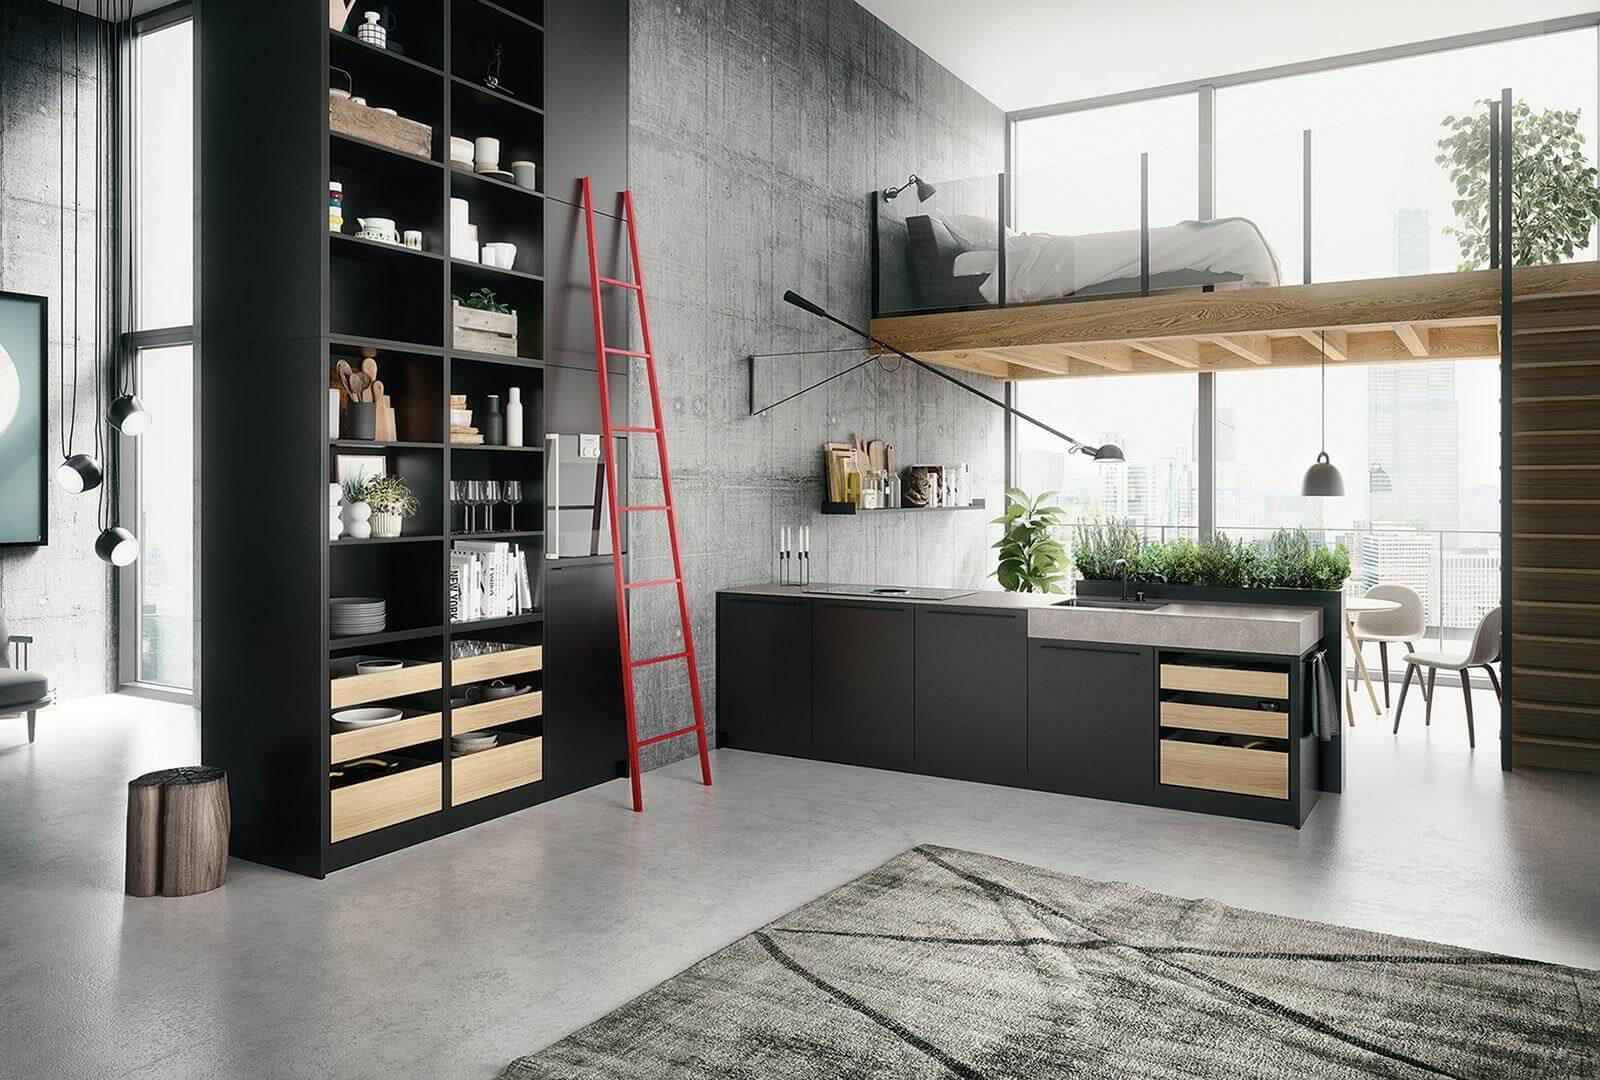 phong cách Urban trong thiết kế nội thất là gì